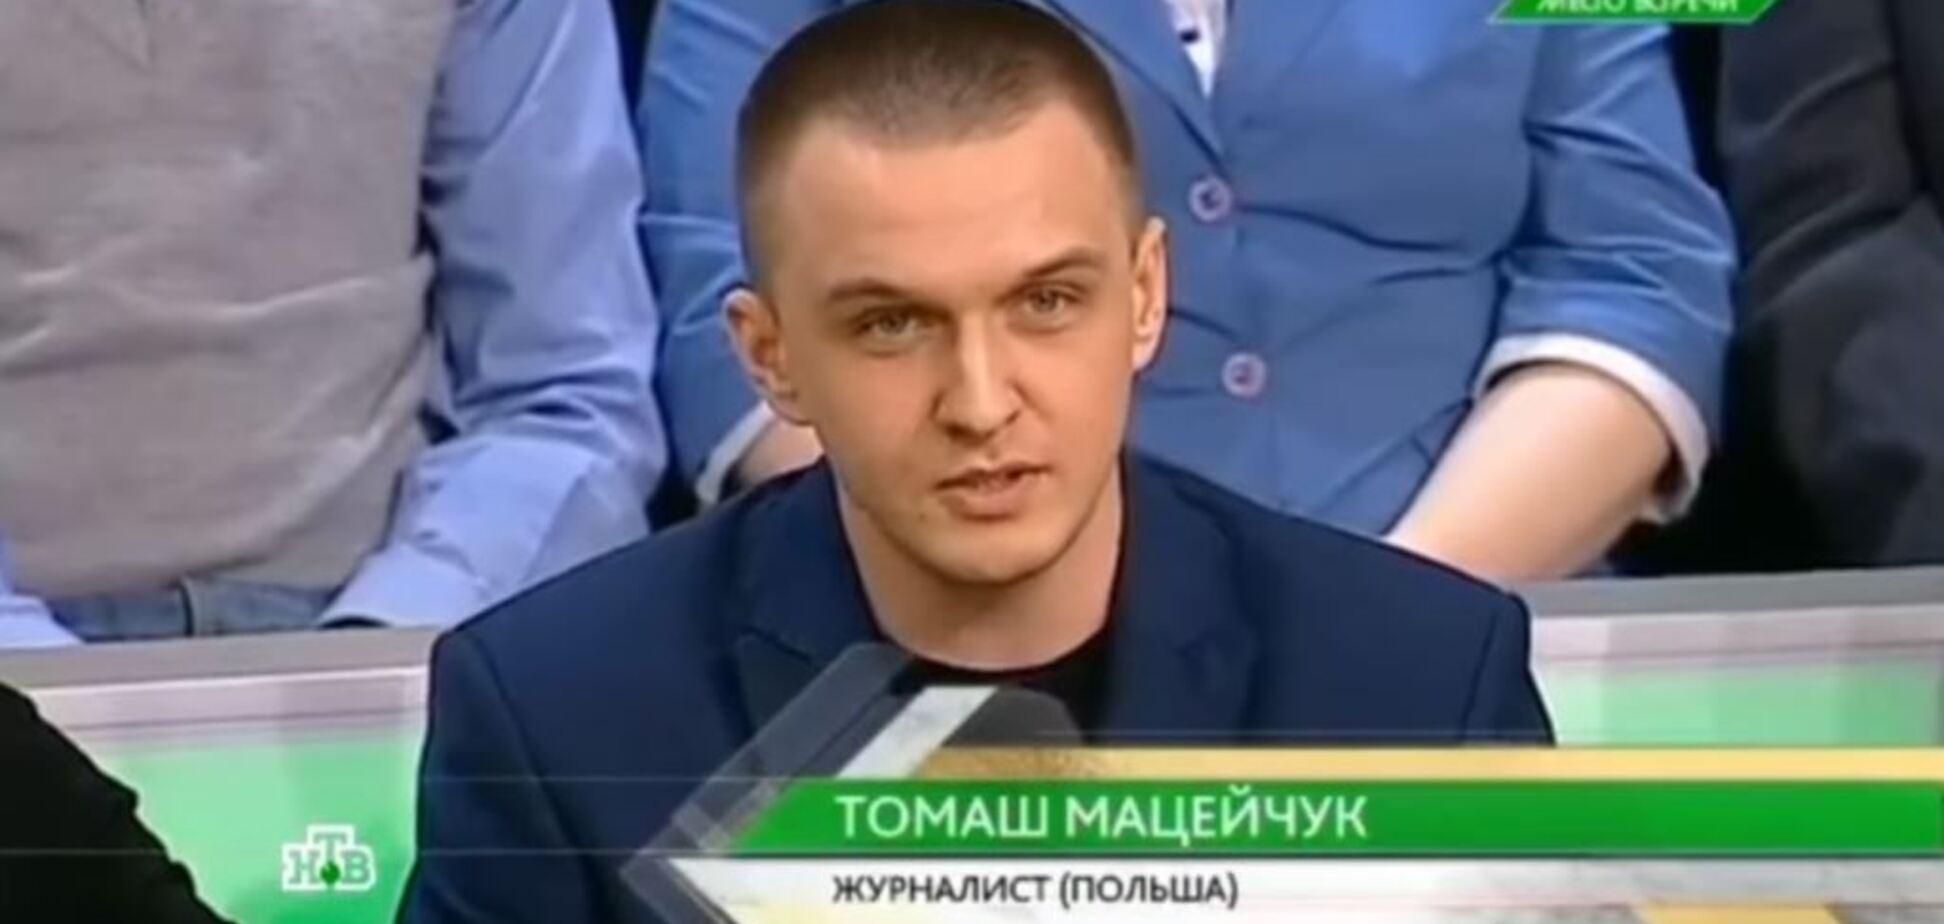 'Росіяни живуть в го*не': поляк, якого вигнали з РФ, розкрив 'кухню' пропаганди росТВ